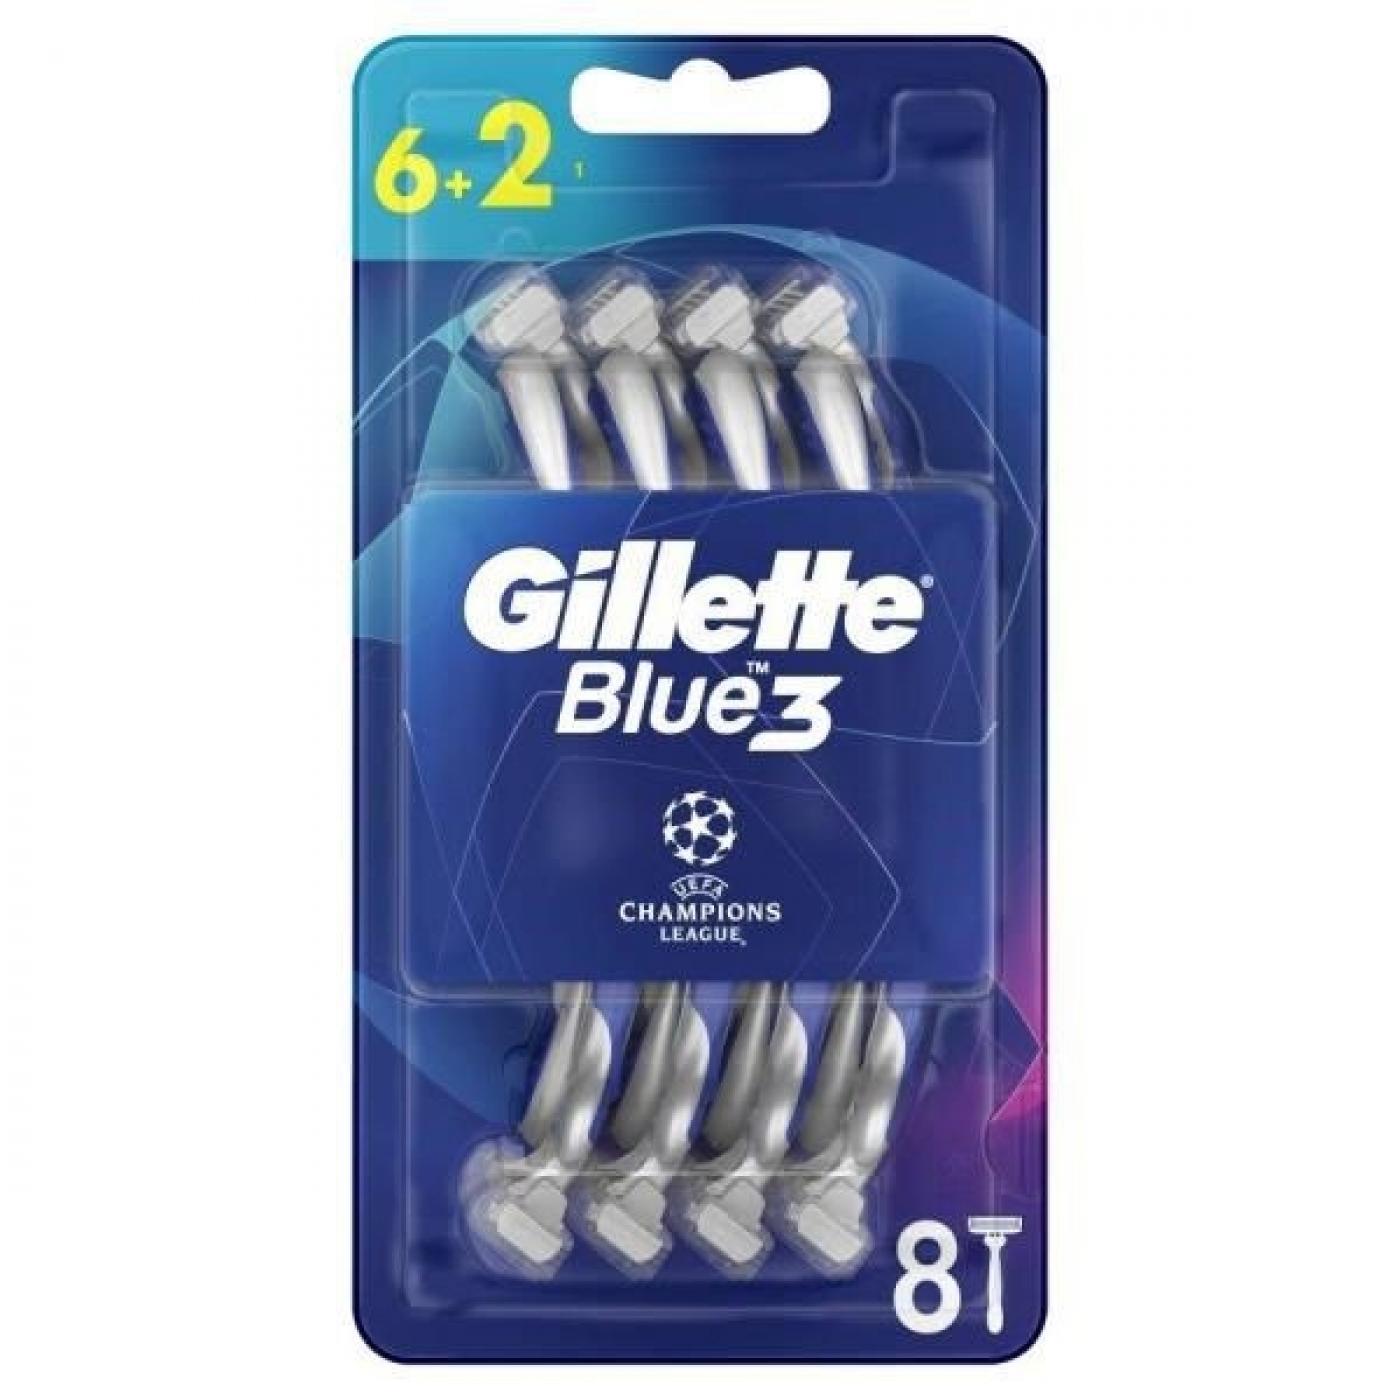 GİLL.BLUE3 MAKİNA + 8 YEDEK